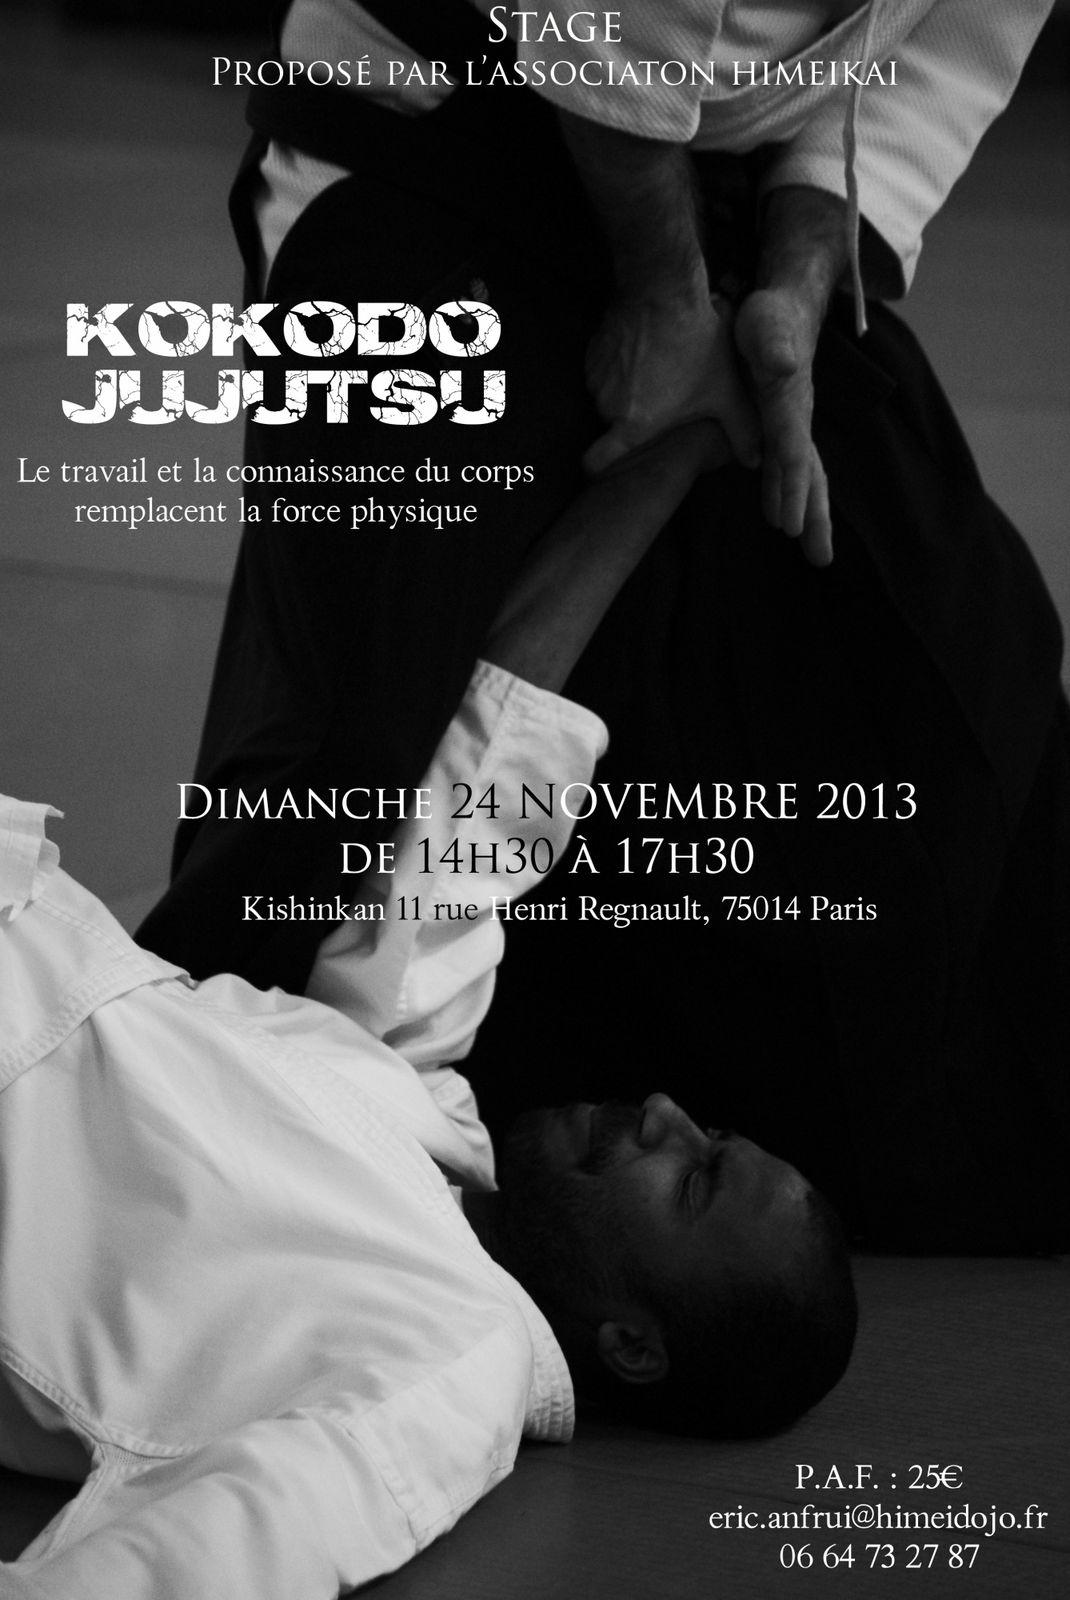 Stage de retour du Japon le dimanche 24 novembre 2013 à Paris